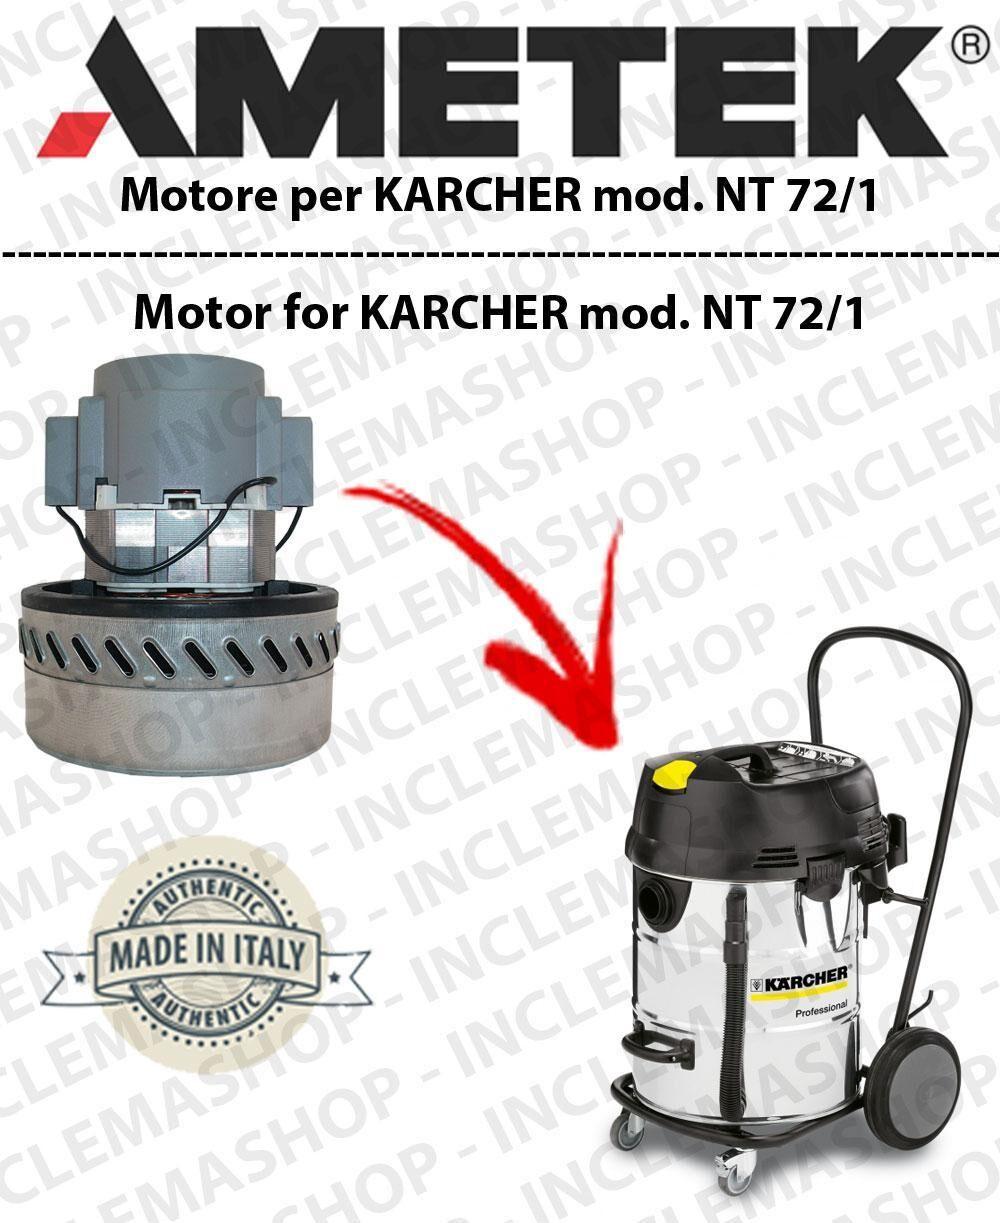 Karcher NT 72/1 MOTORE ASPIRAZIONE AMETEK per aspirapolvere